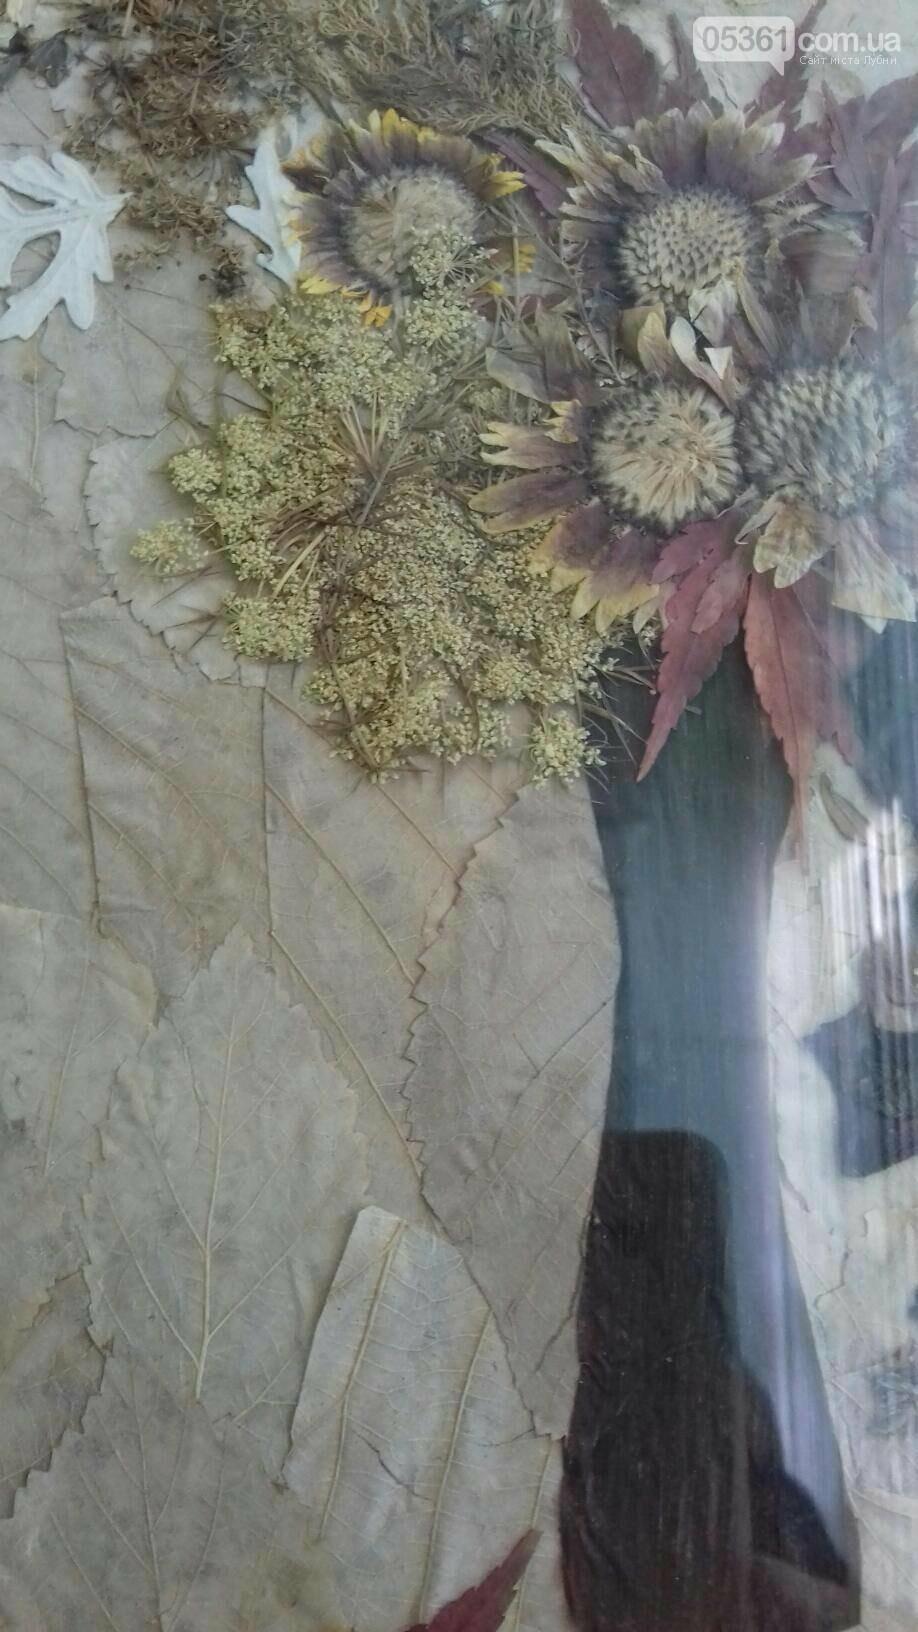 Виставка робіт з природних матеріалів у Лубенській галереї мистецтв, фото-2